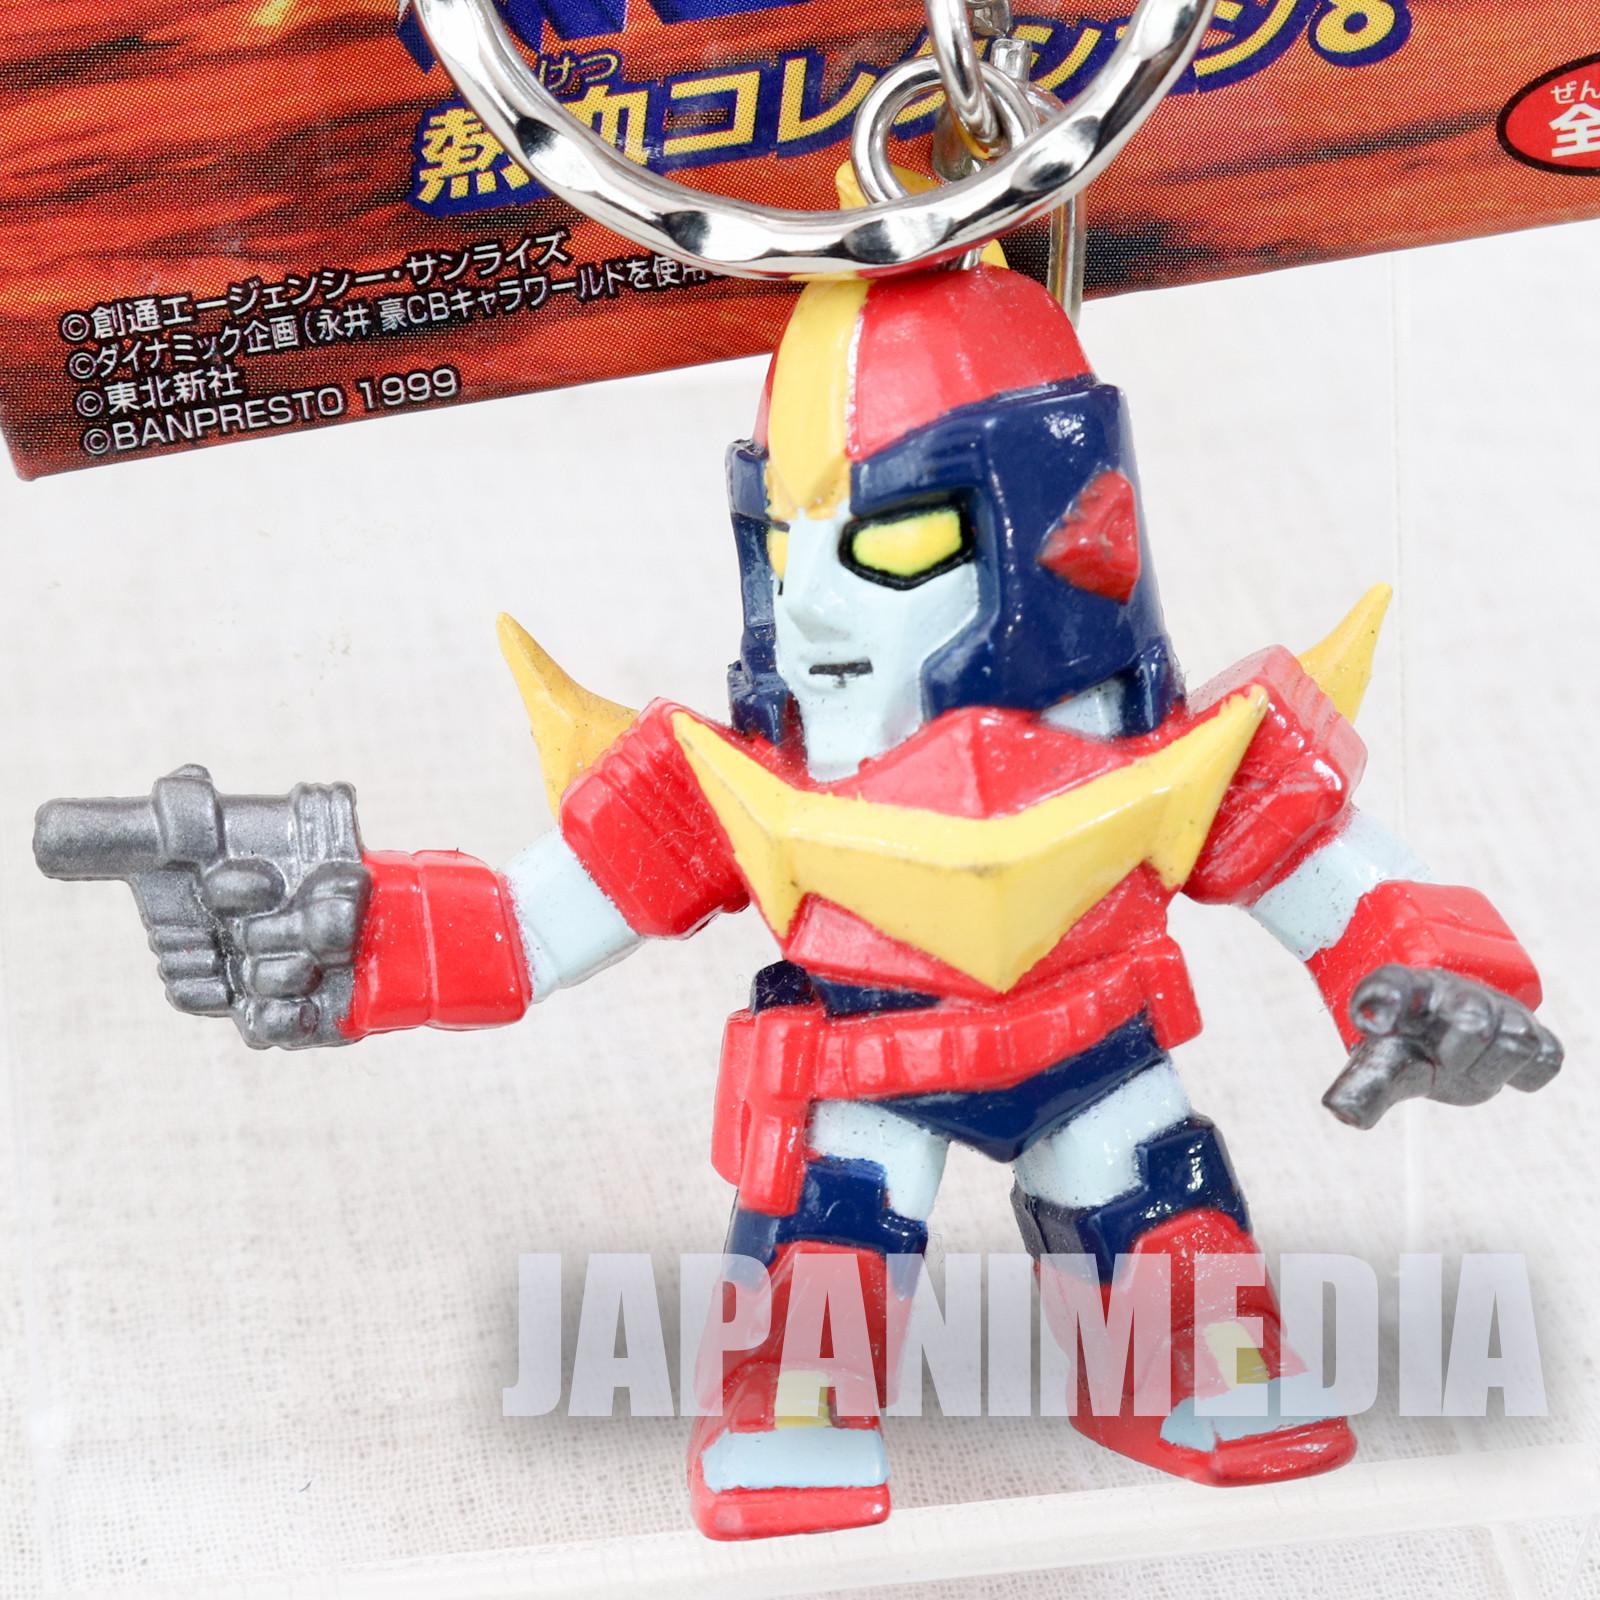 Zambot 3 Super Zambo Ace Robot Wars Figure Key Chain JAPAN ANIME MANGA